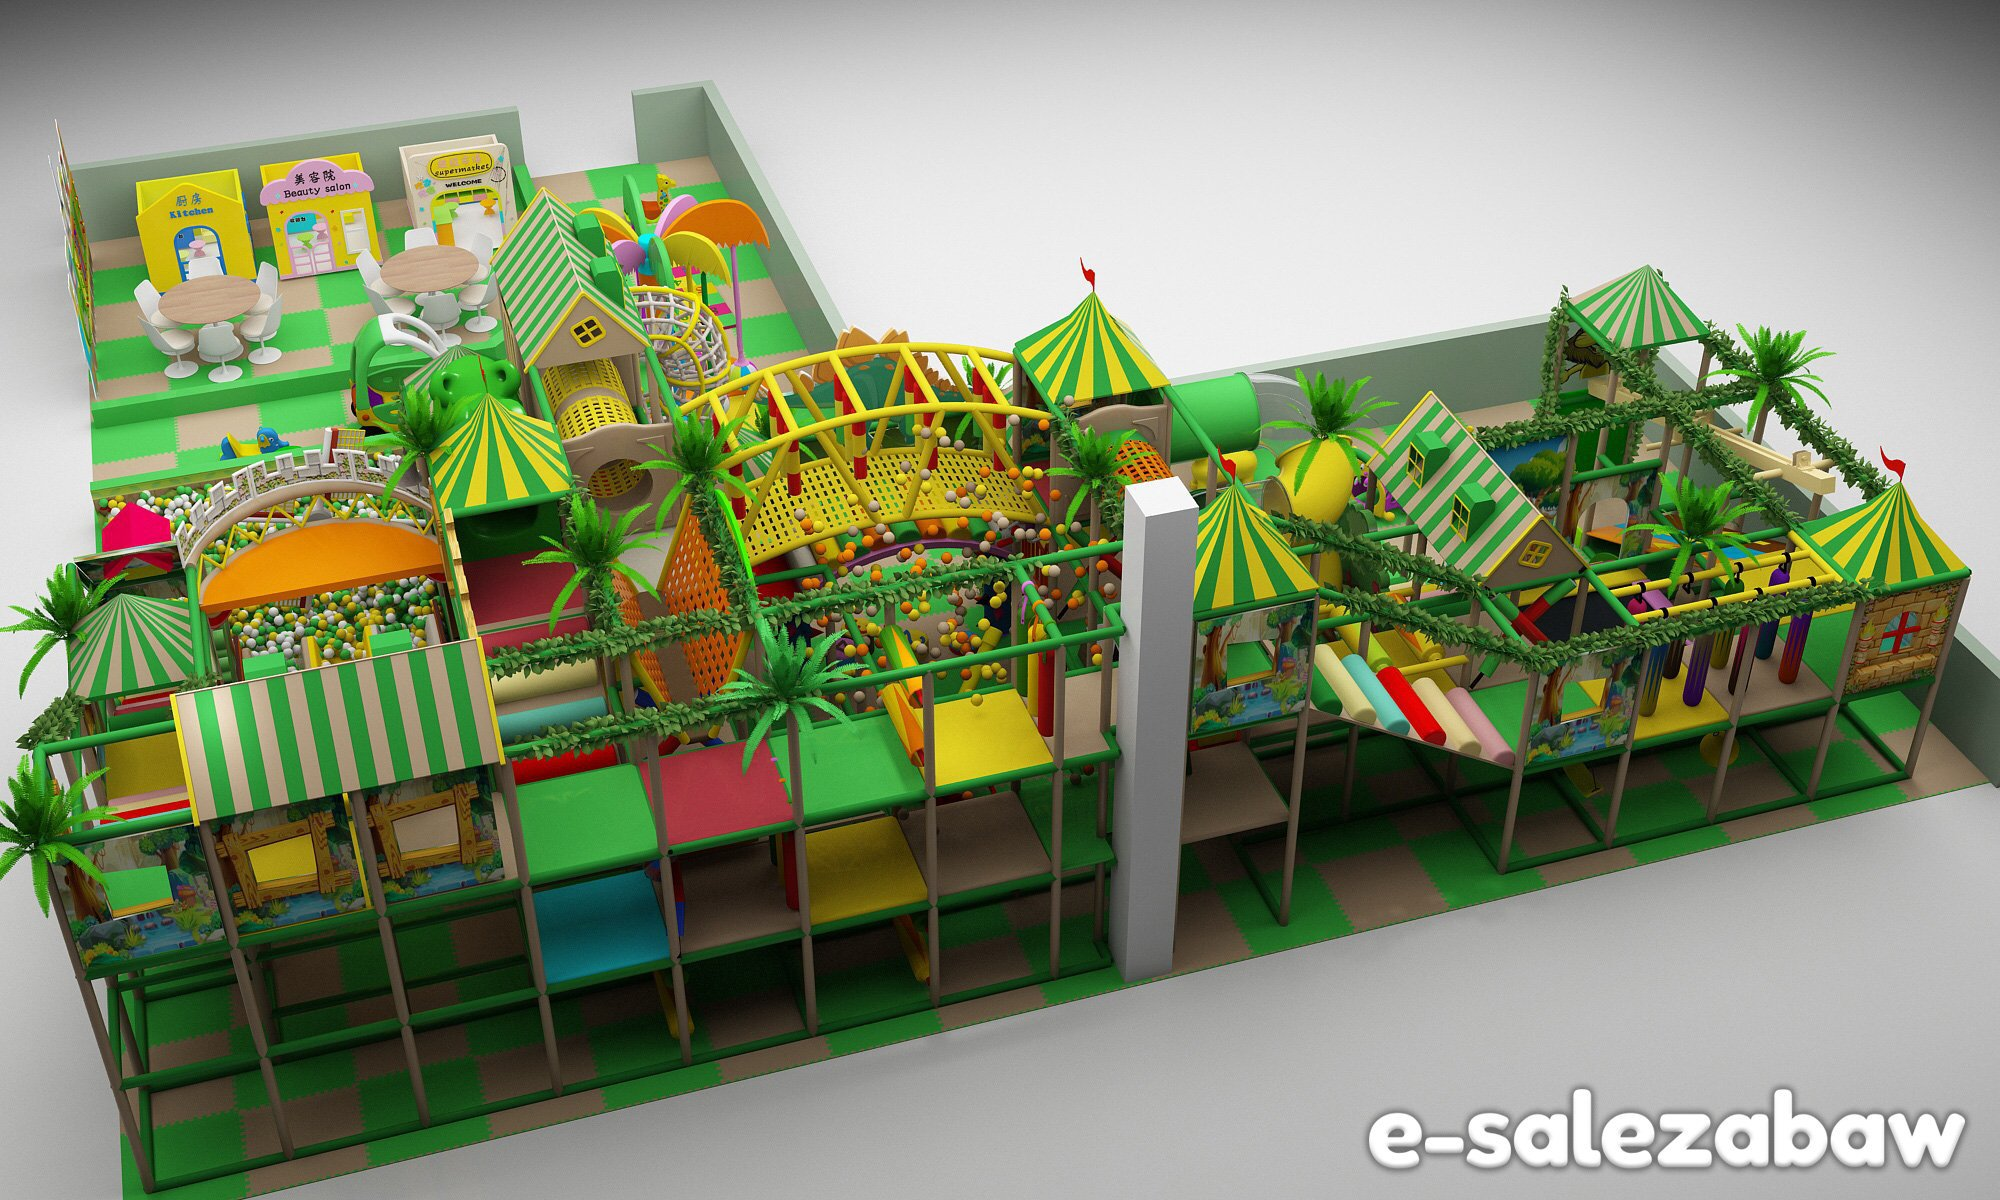 Kostrukcje placów zabaw